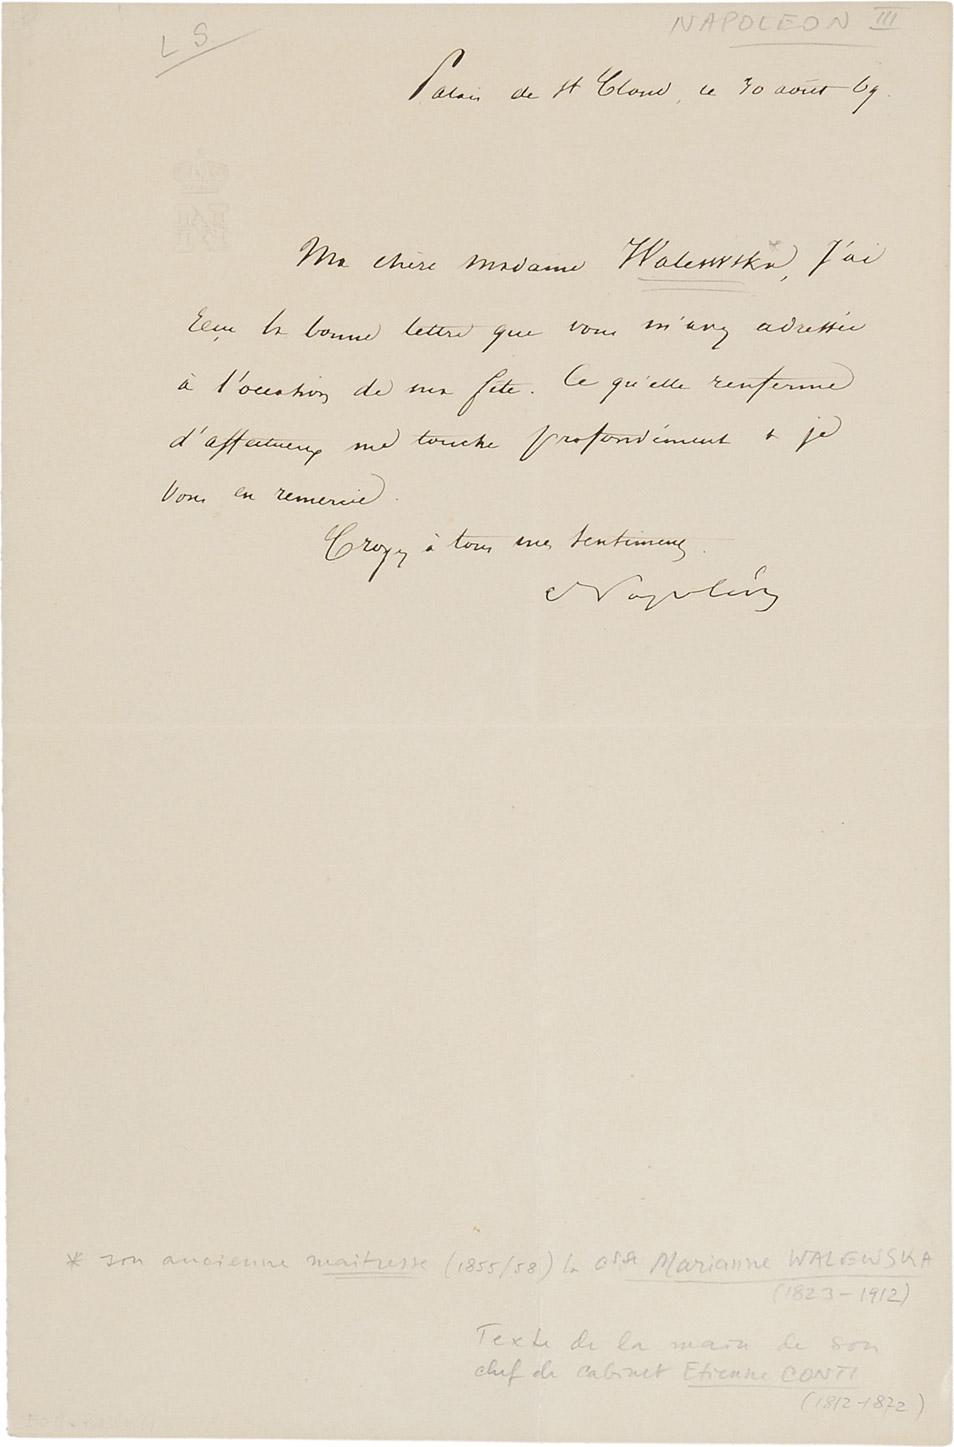 Lettre de Napoléon III à la comtesse Walewska - Patrimoine Charles-André COLONNA WALEWSKI, en ligne directe de Napoléon